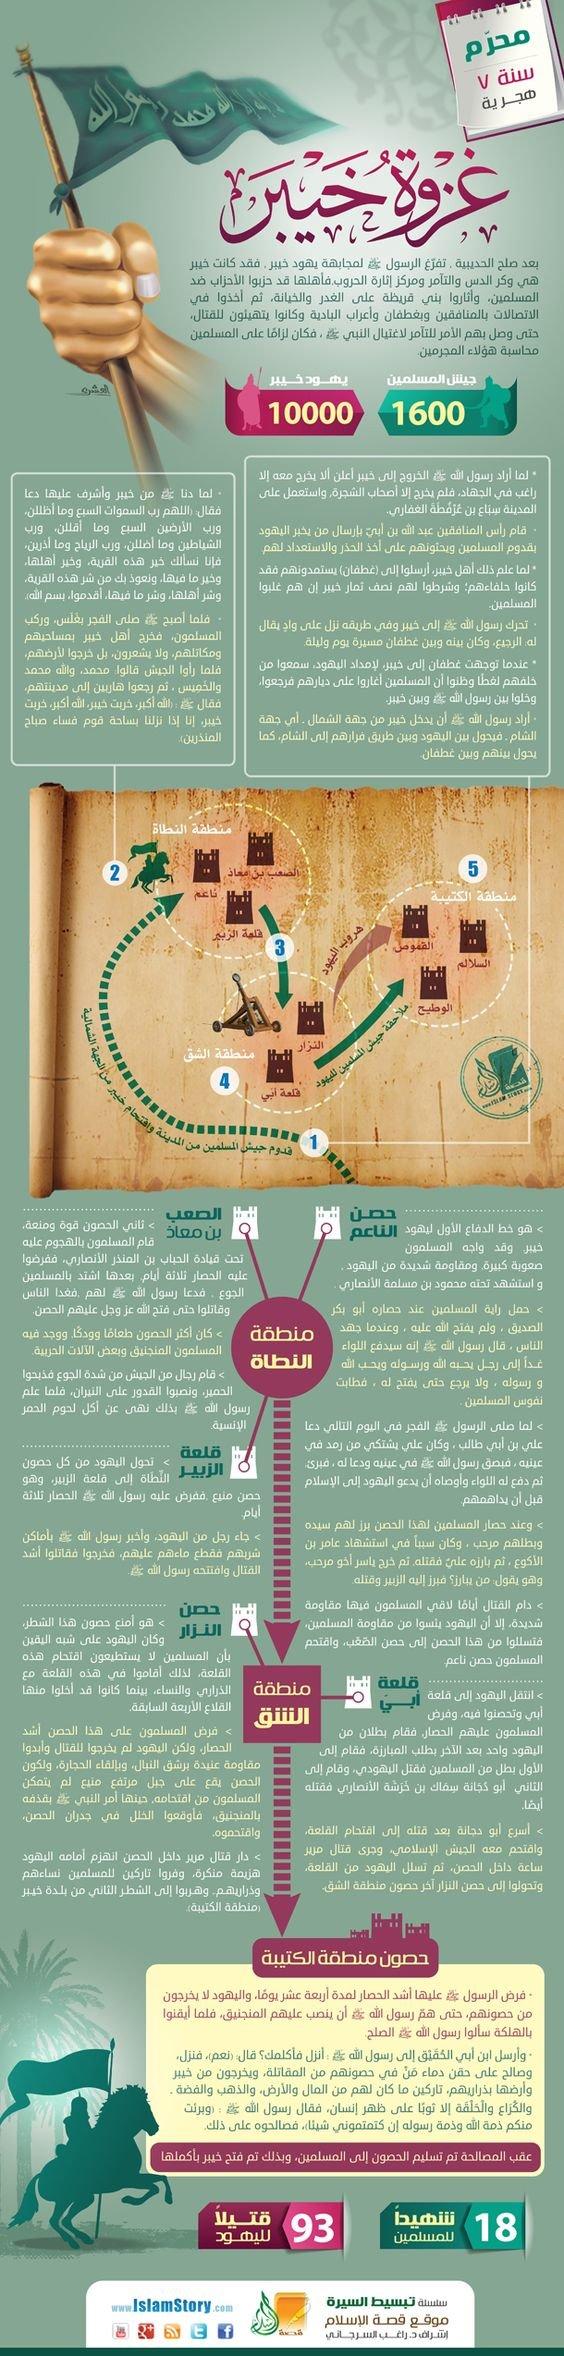 غزوات الرسول صلى الله عليه وسلم - غزوة خيبر#انفوجرافيك #انفوجرافيك_عربي